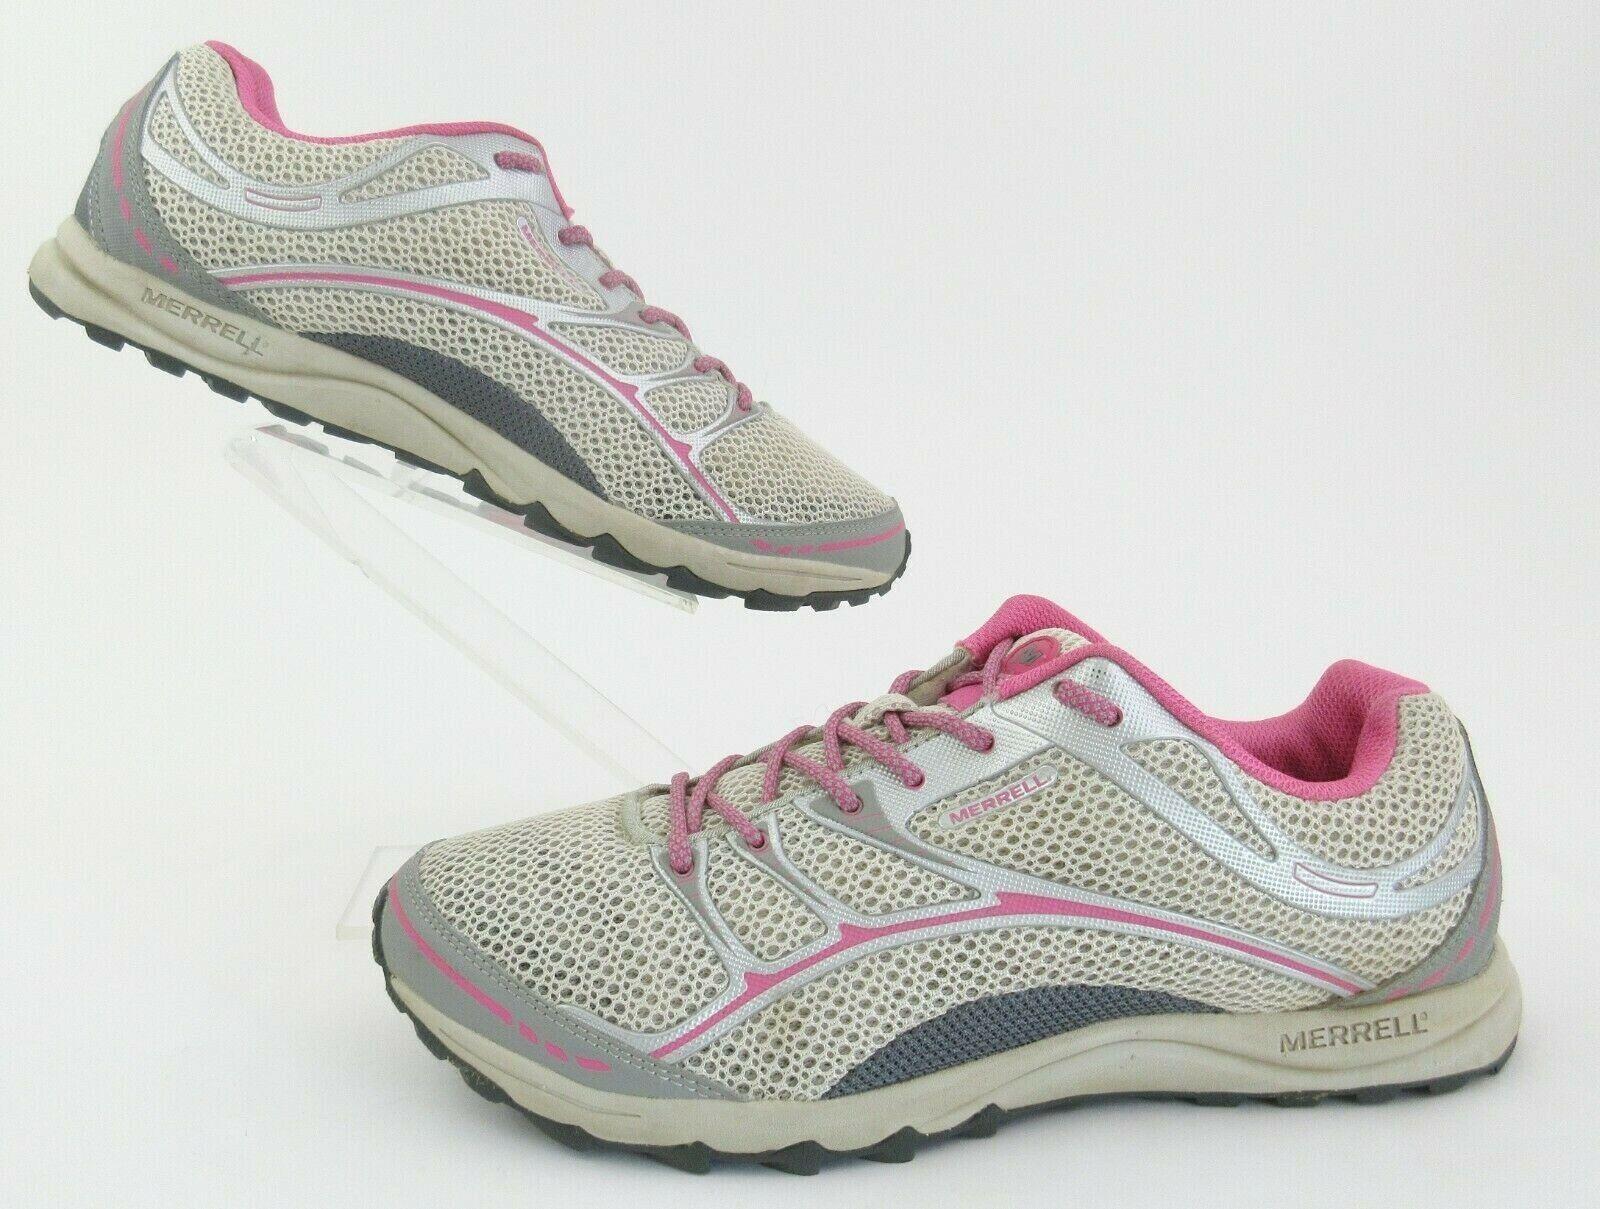 Merrell Mont Mavis FEMME Trail Running/Chaussures de randonnée COSMOS/Orchid Sz 11